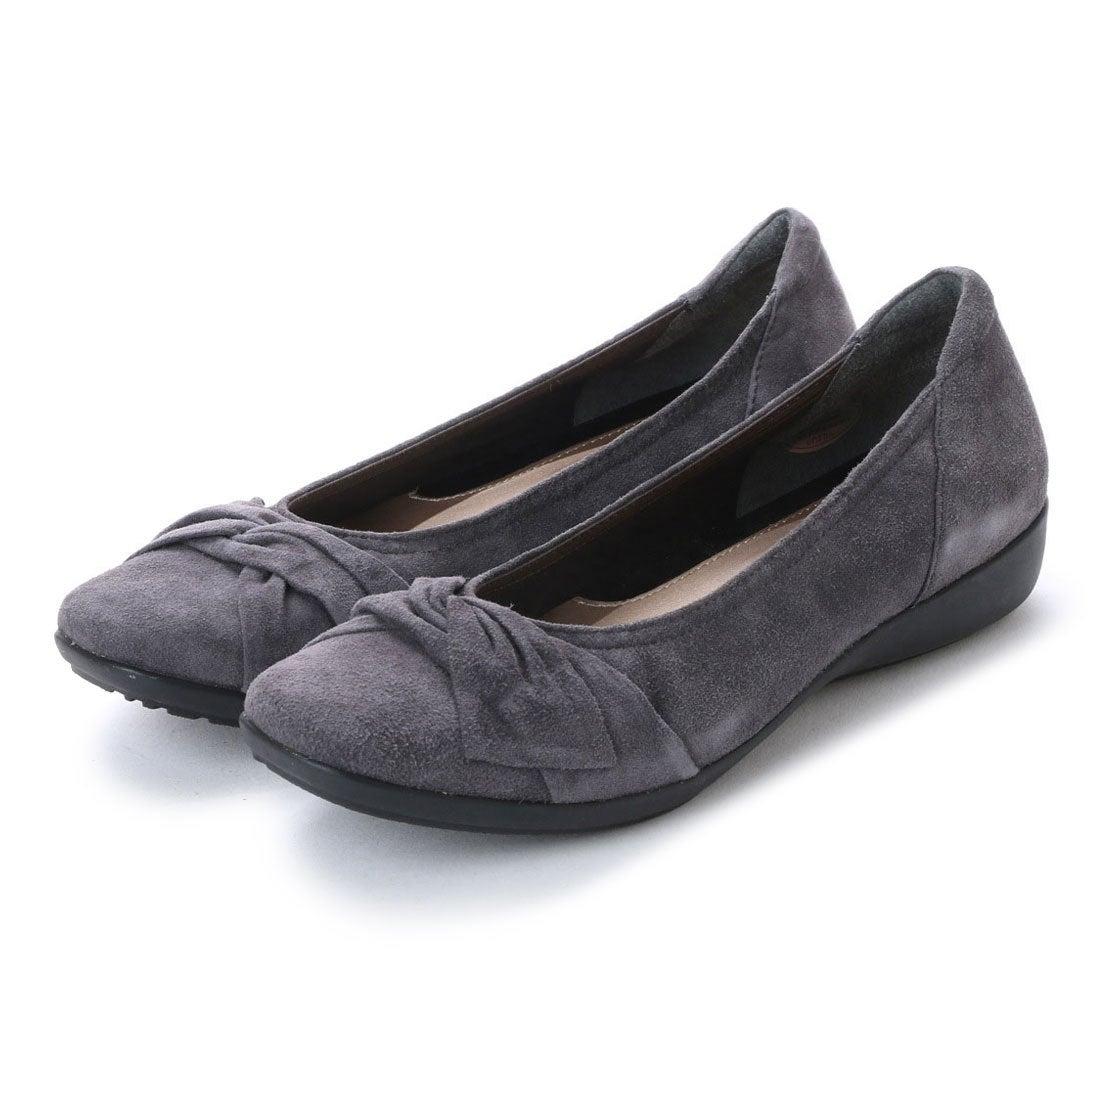 ロコンド 靴とファッションの通販サイトアルコジョイarcojoyウォーキング(グレー)